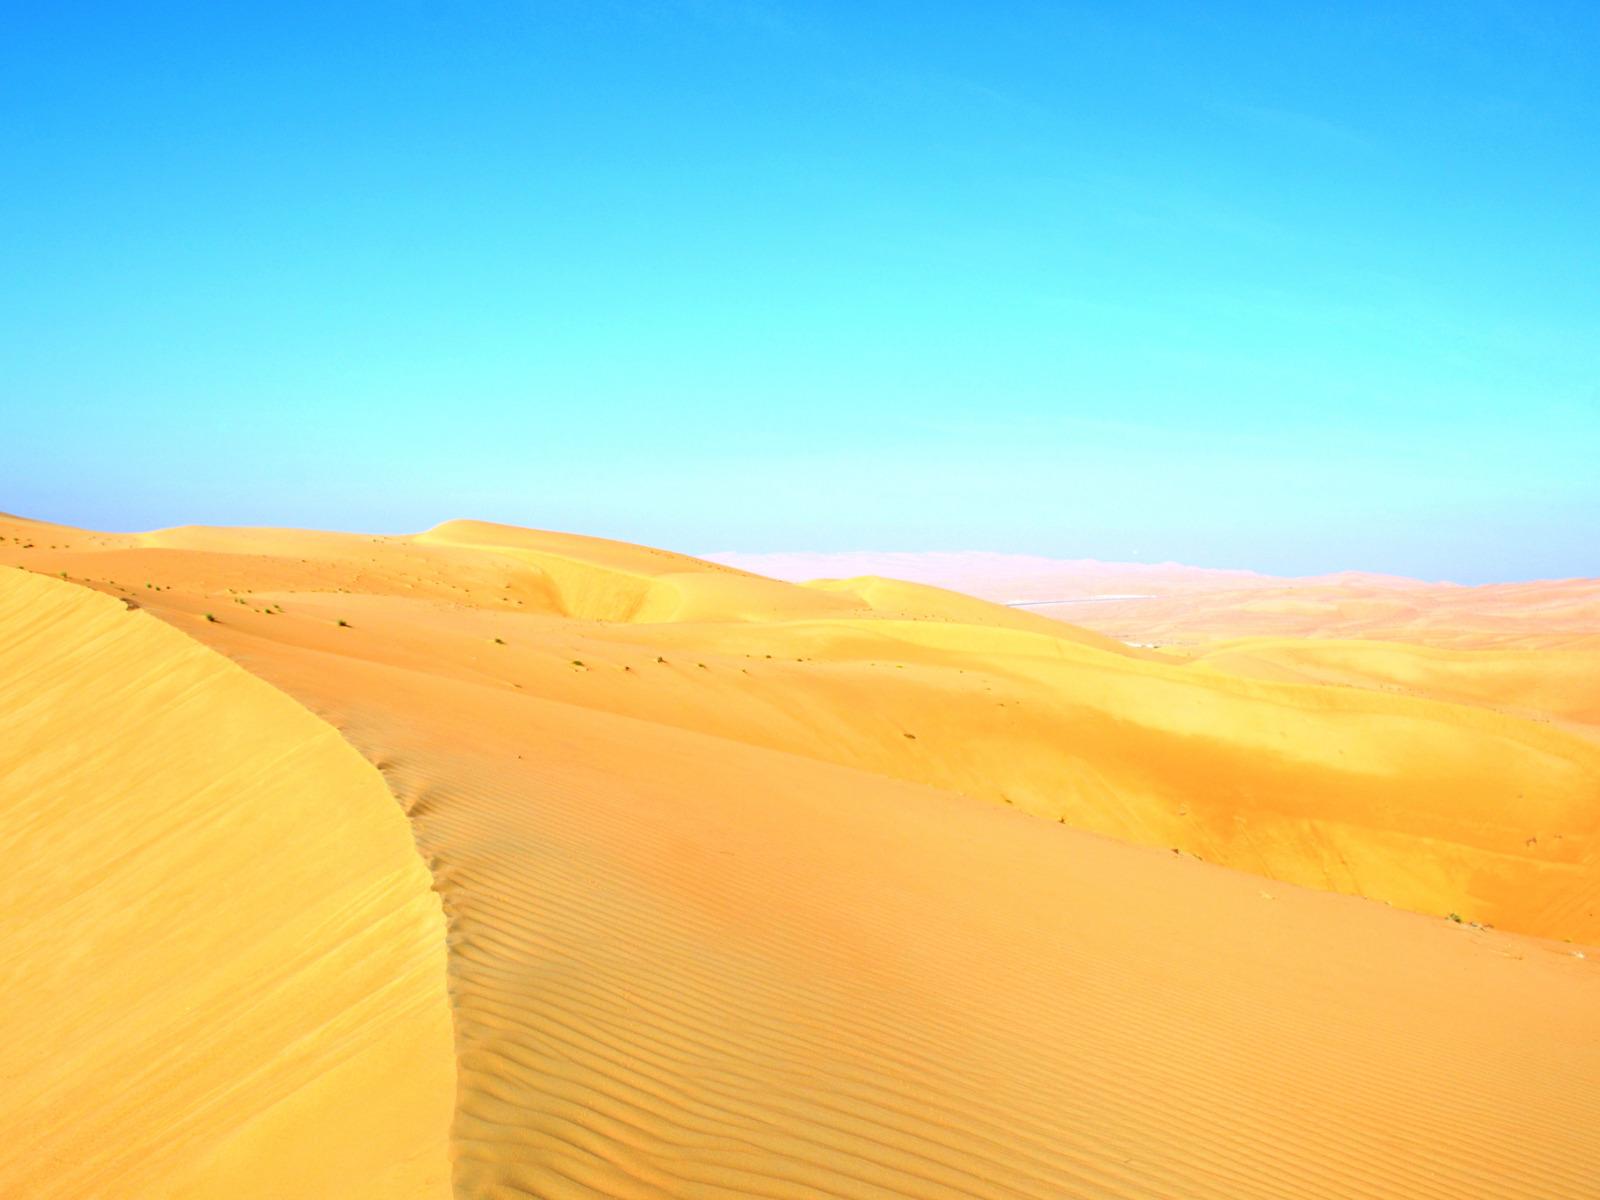 пустыня и небо фотобанк сетевые